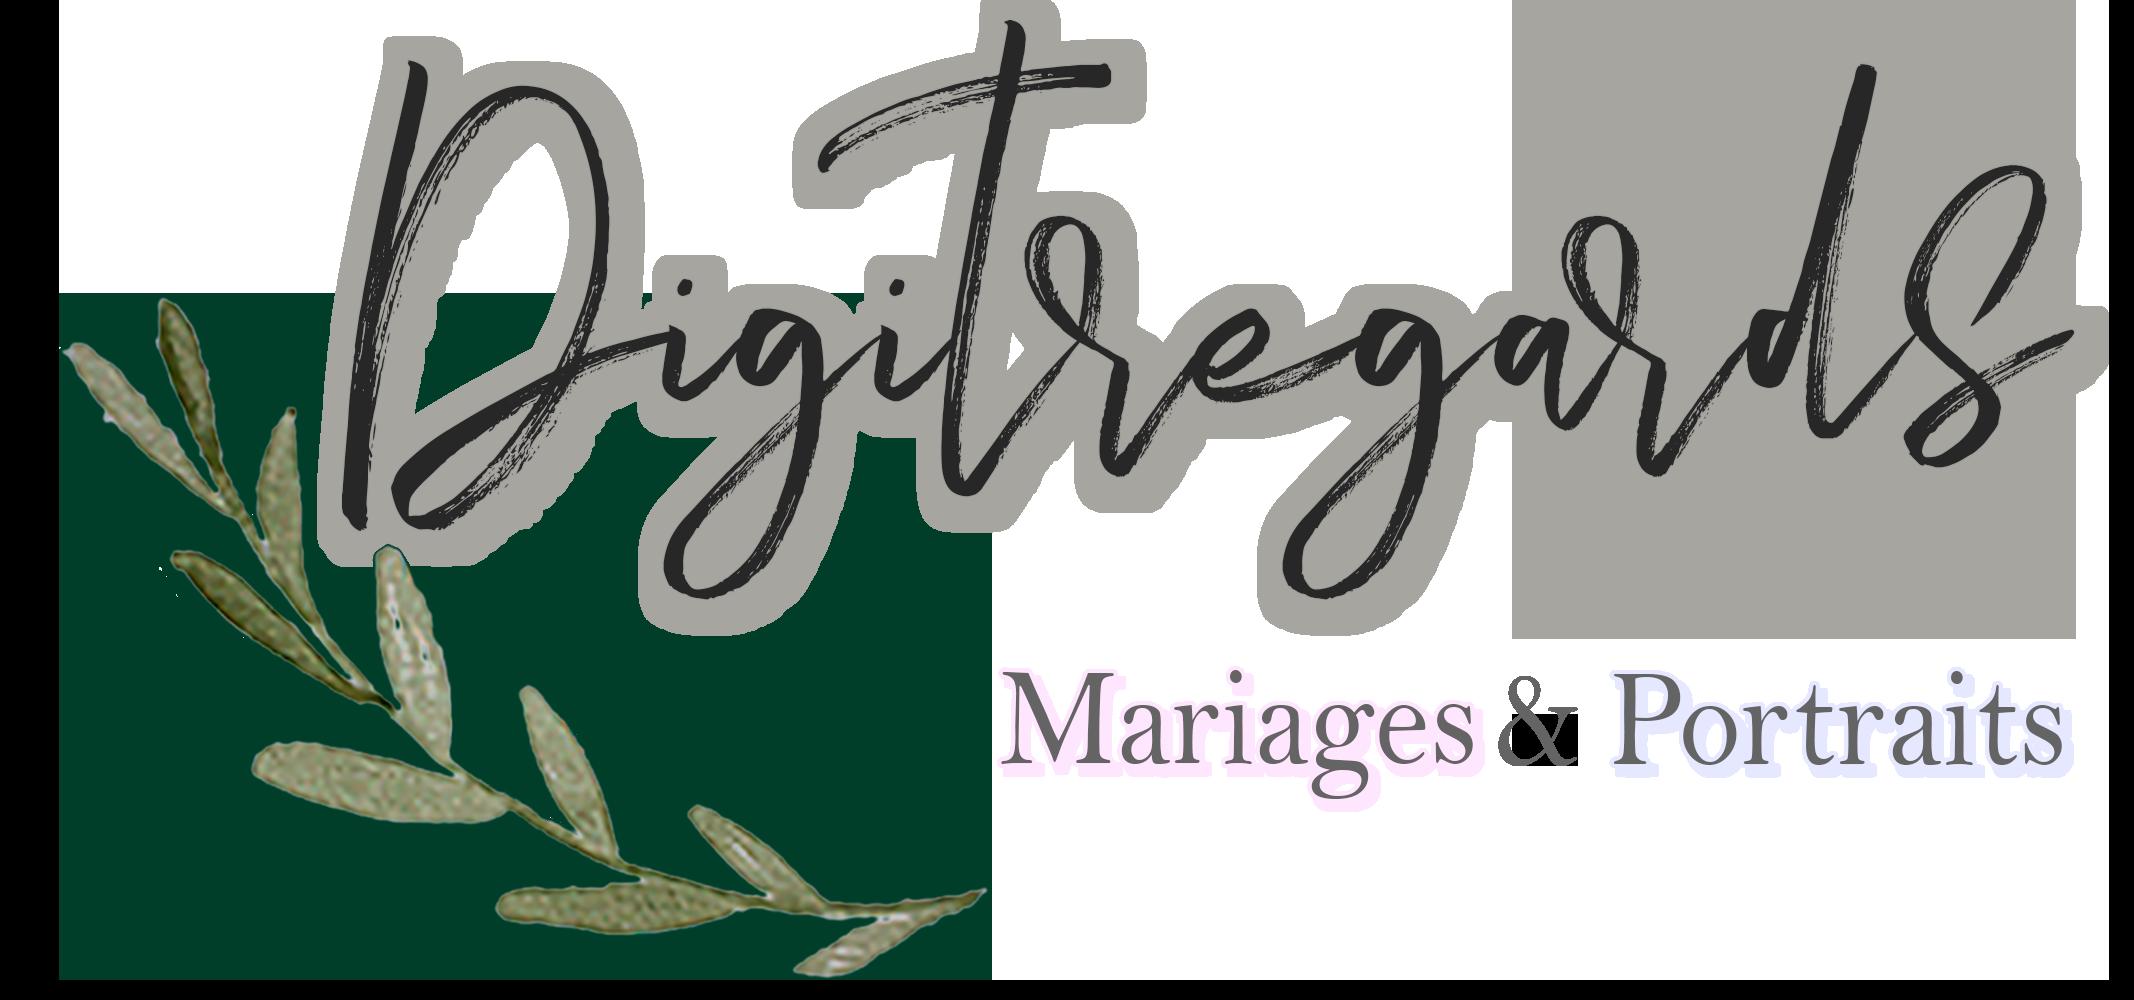 Digitregards-photographe_portaitiste-professionnel-marignane-saint_victoret-aix-marseille-martigues-chateauneuf-photo-mariage-portrait-famille-enfant-maternité